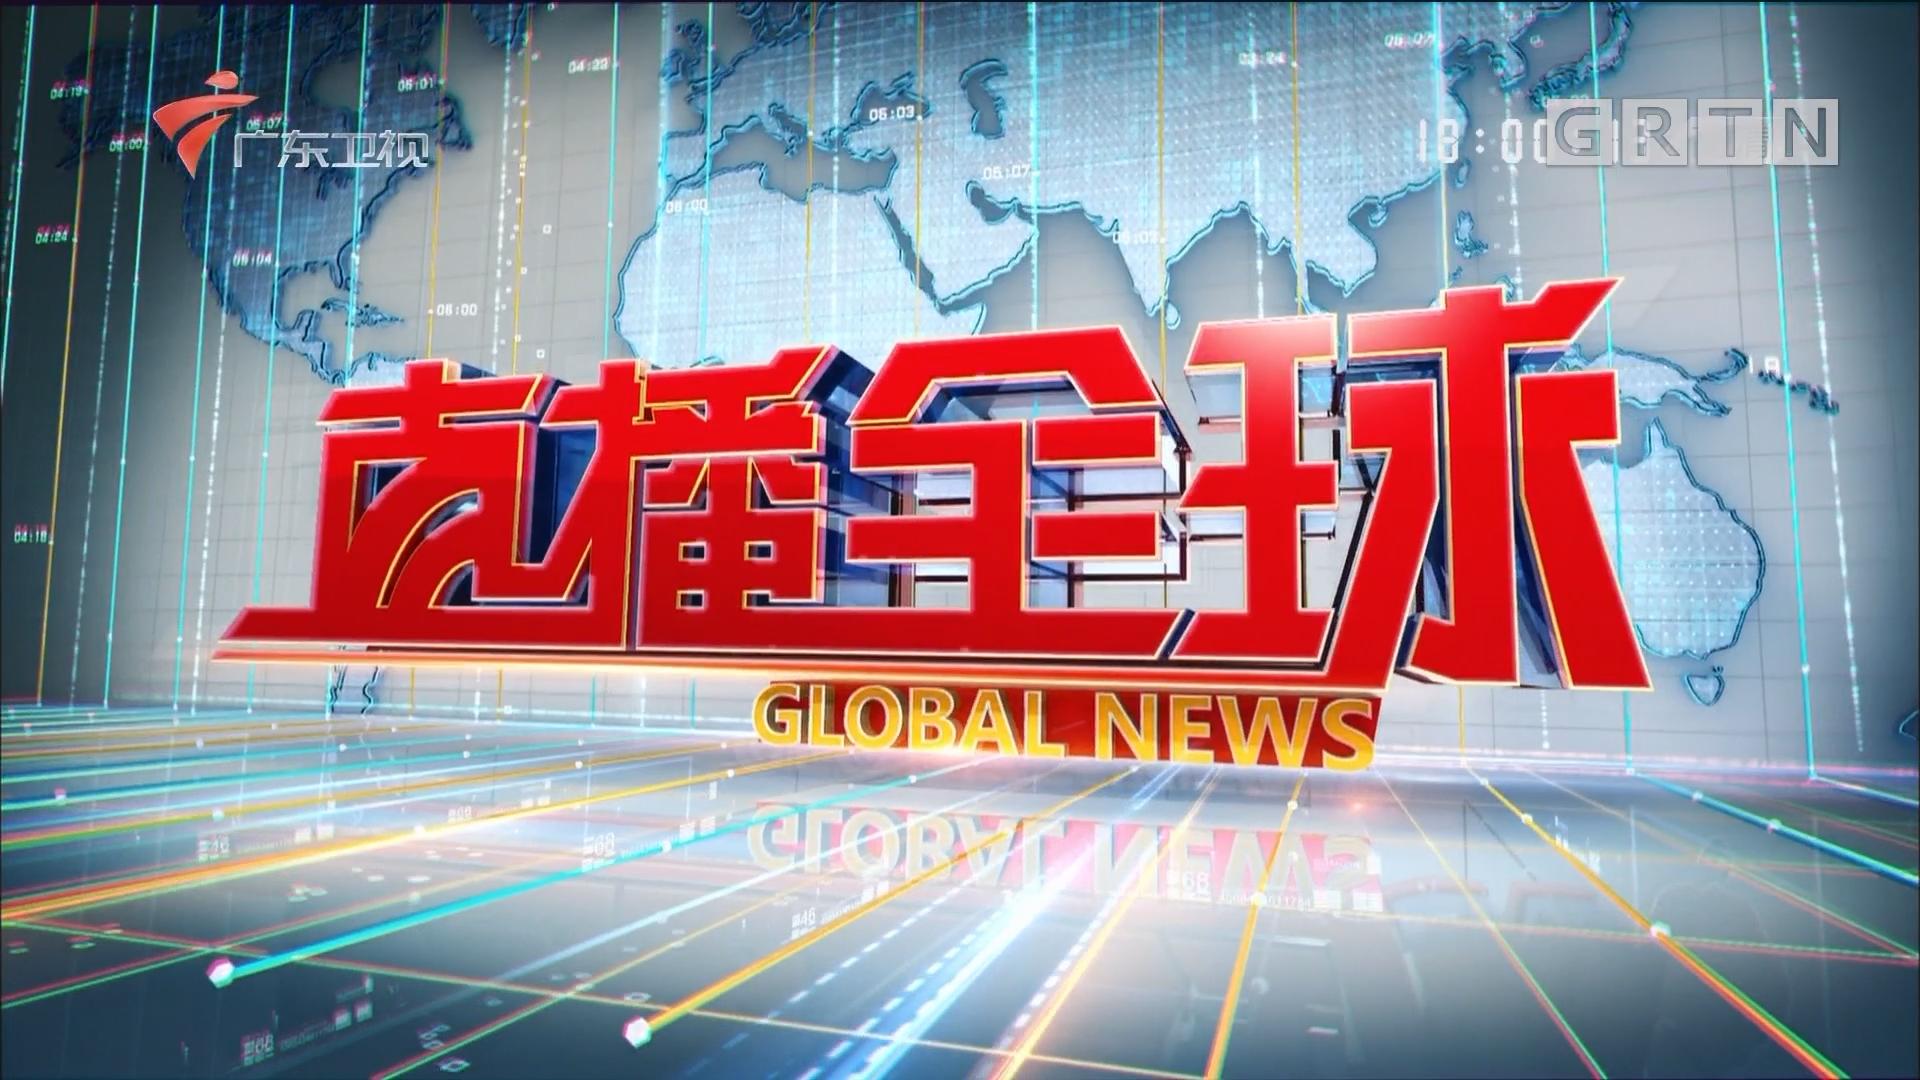 """[HD][2017-11-14]直播全球:中国东盟正式启动""""南海行为准则""""磋商 5月通过""""南海行为准则""""框架 为本次磋商助力"""